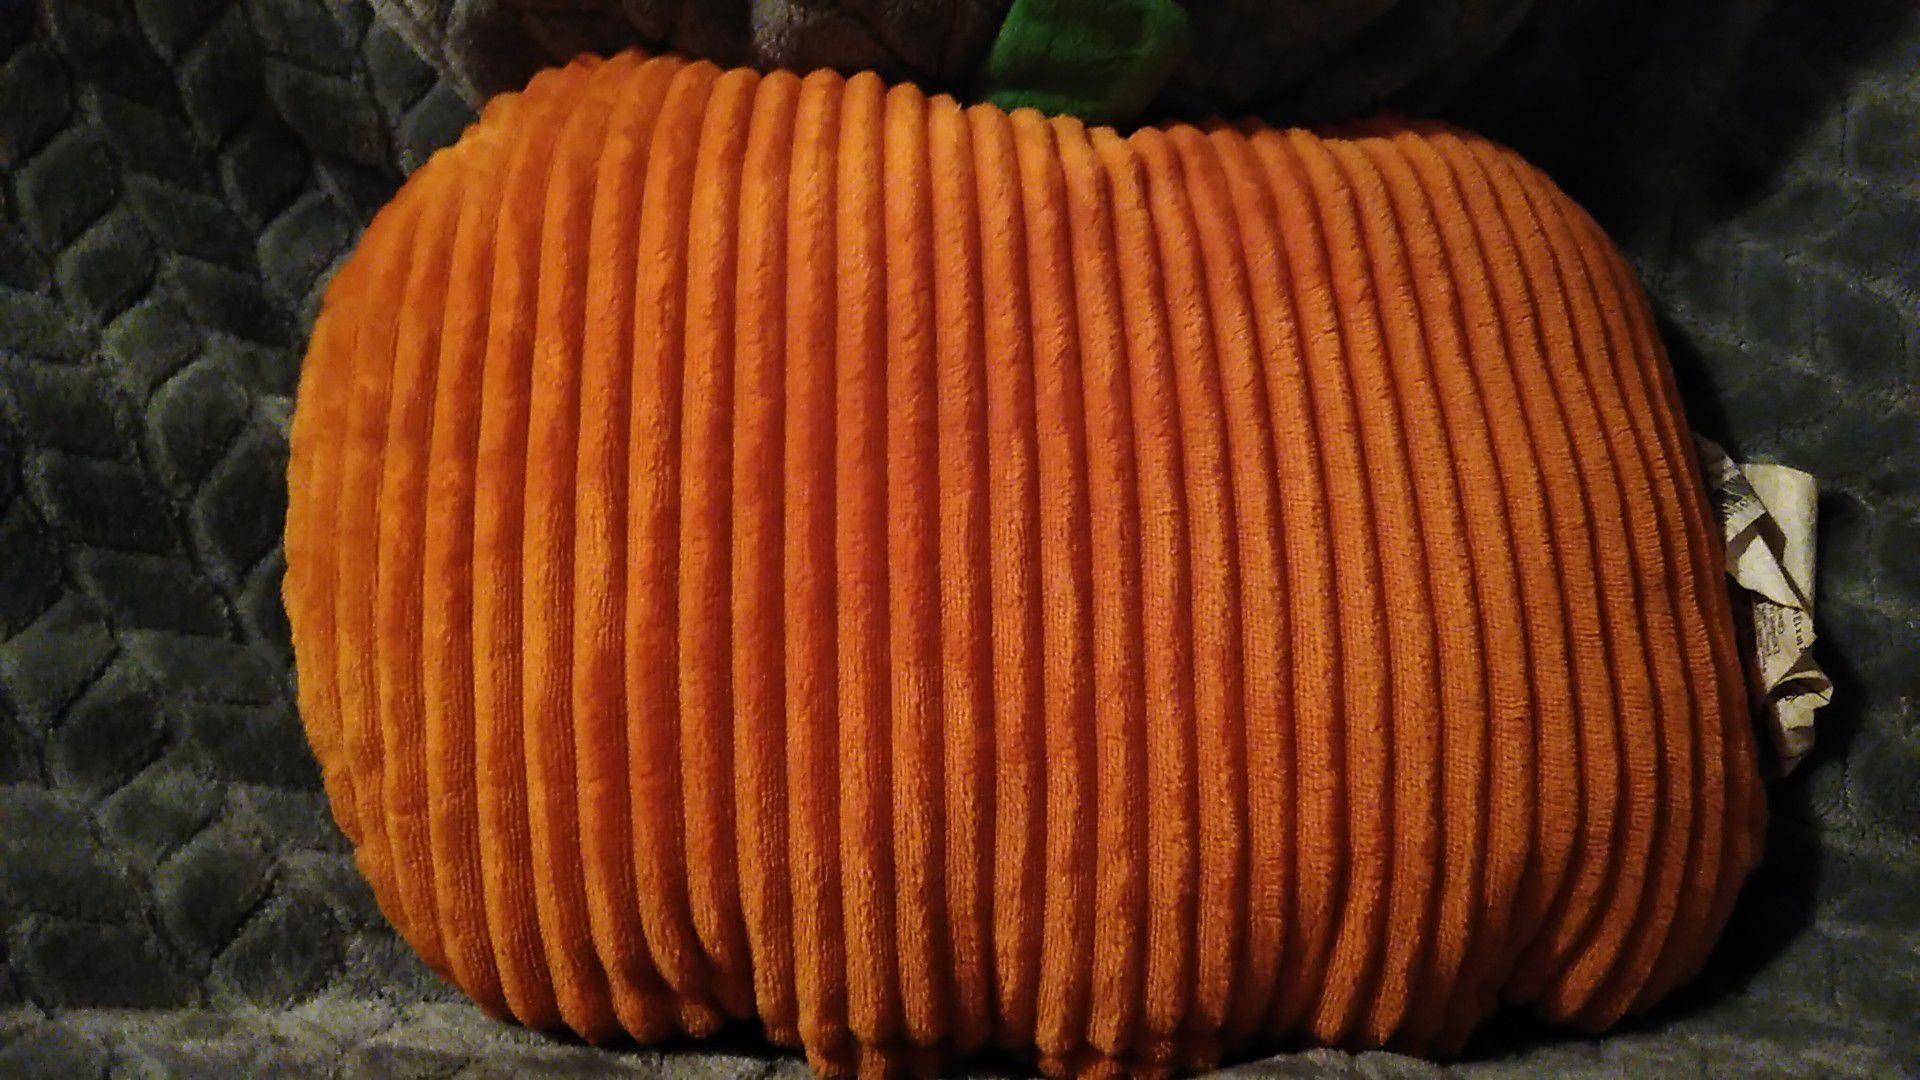 Stuffed smiling pumpkin pillow